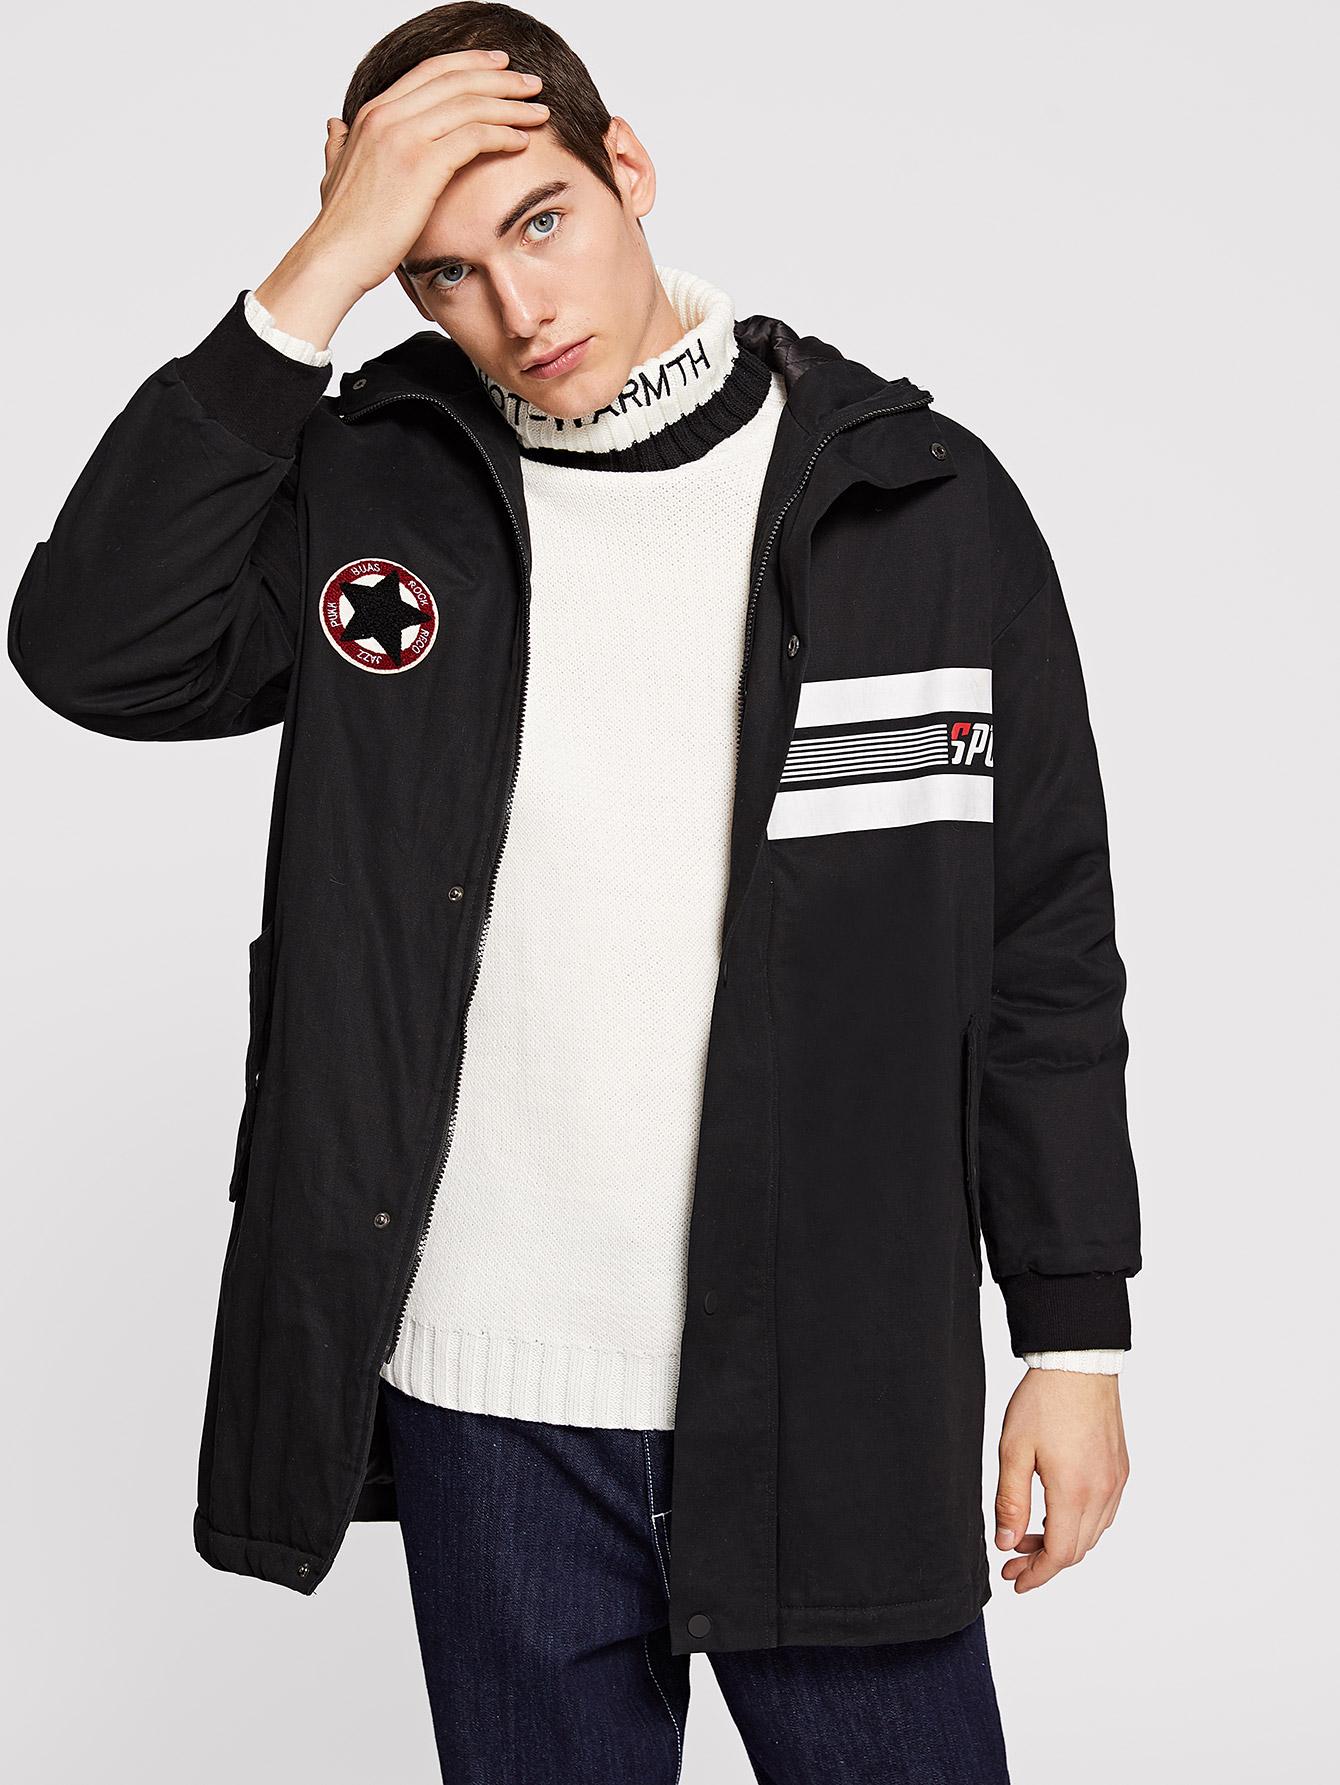 Купить Мужское пальто с капюшоном и заплатой, Misha, SheIn